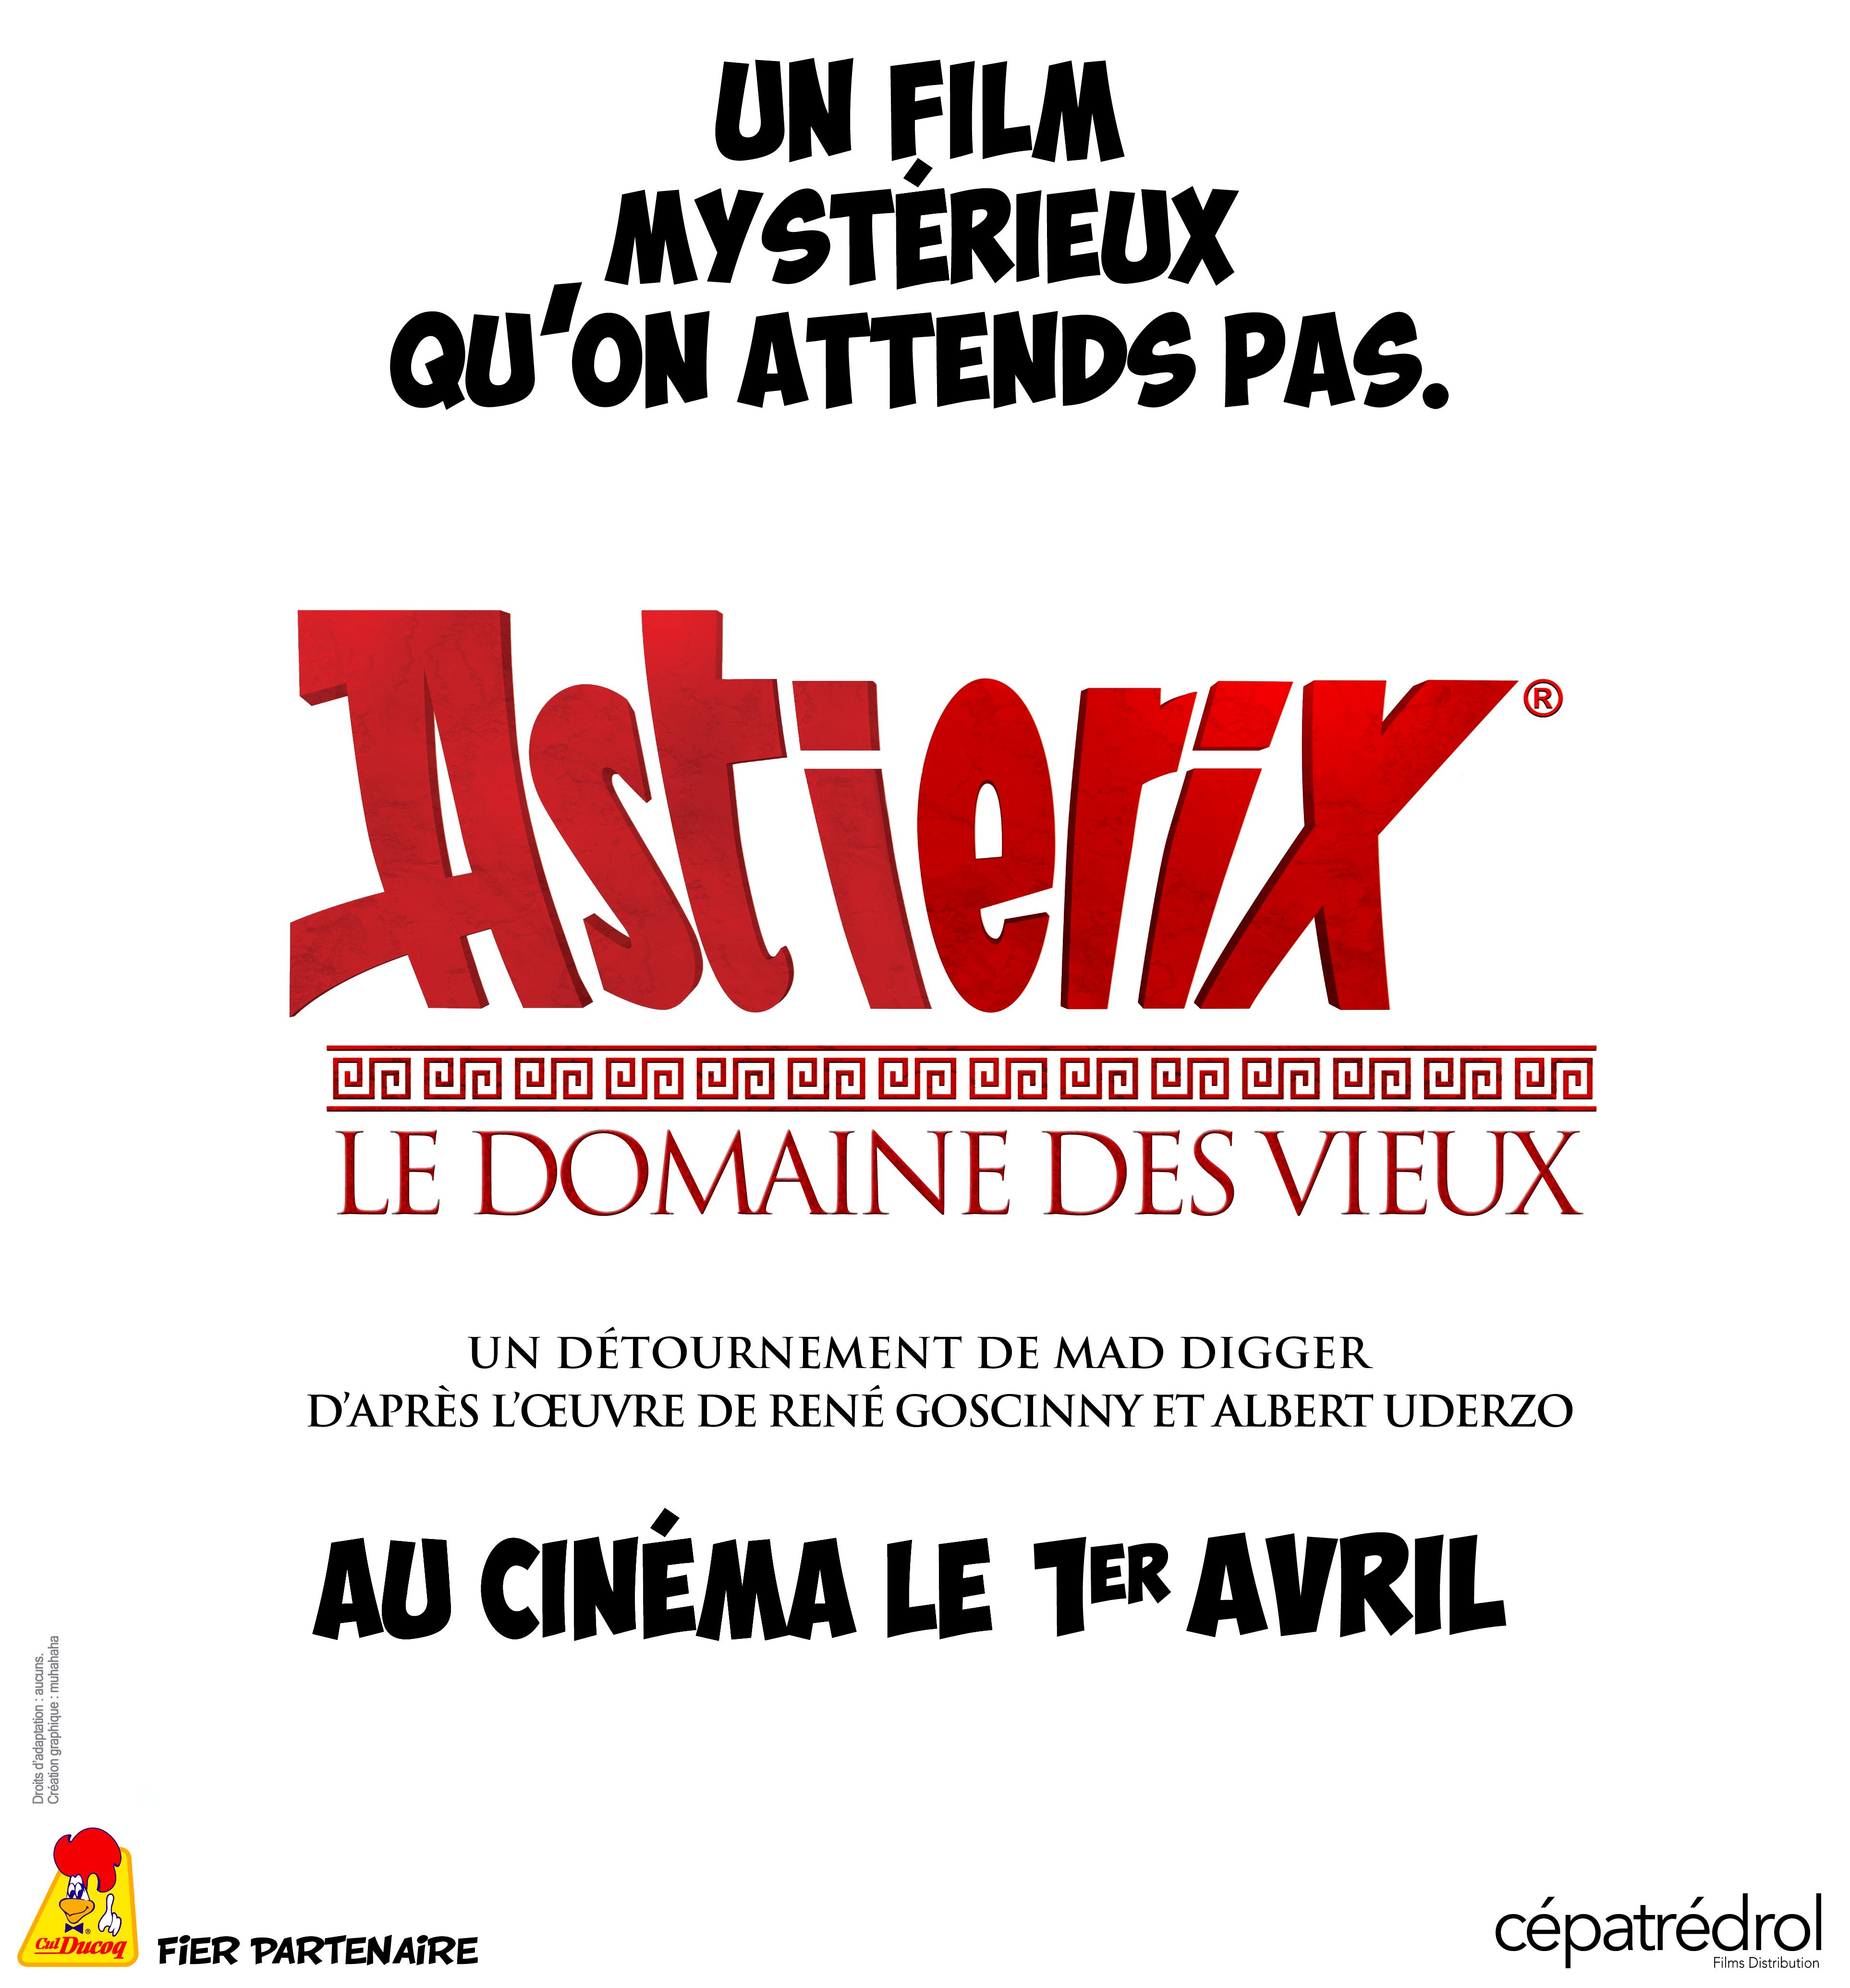 Astierix le domaine des vieux by diggerel7 on deviantart - Les domaines de l etat ...